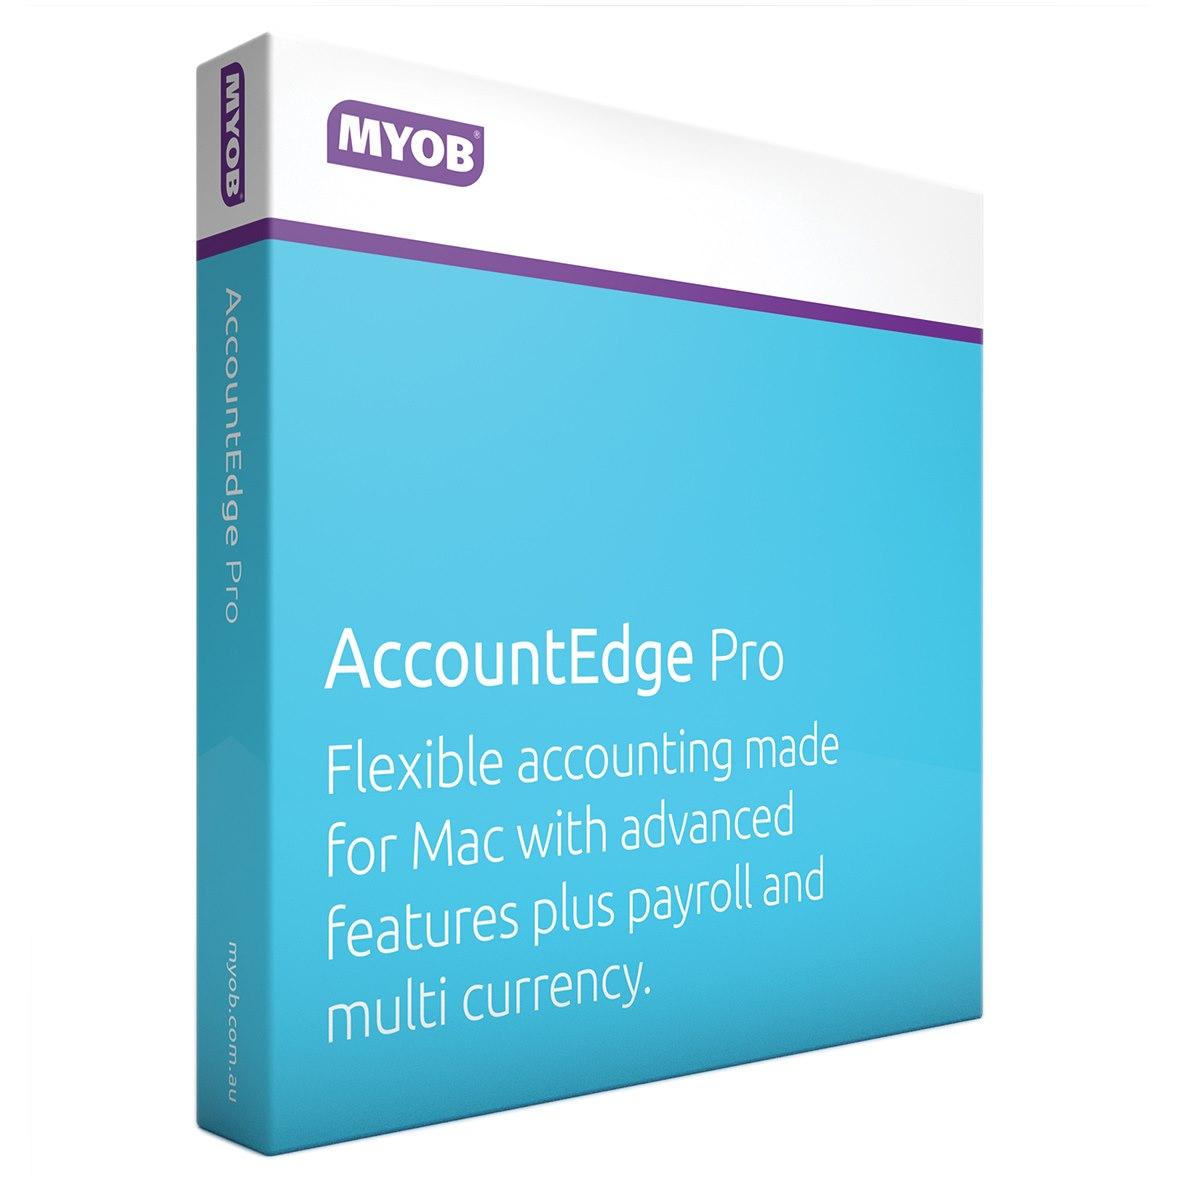 MYOB AccountEdge Pro